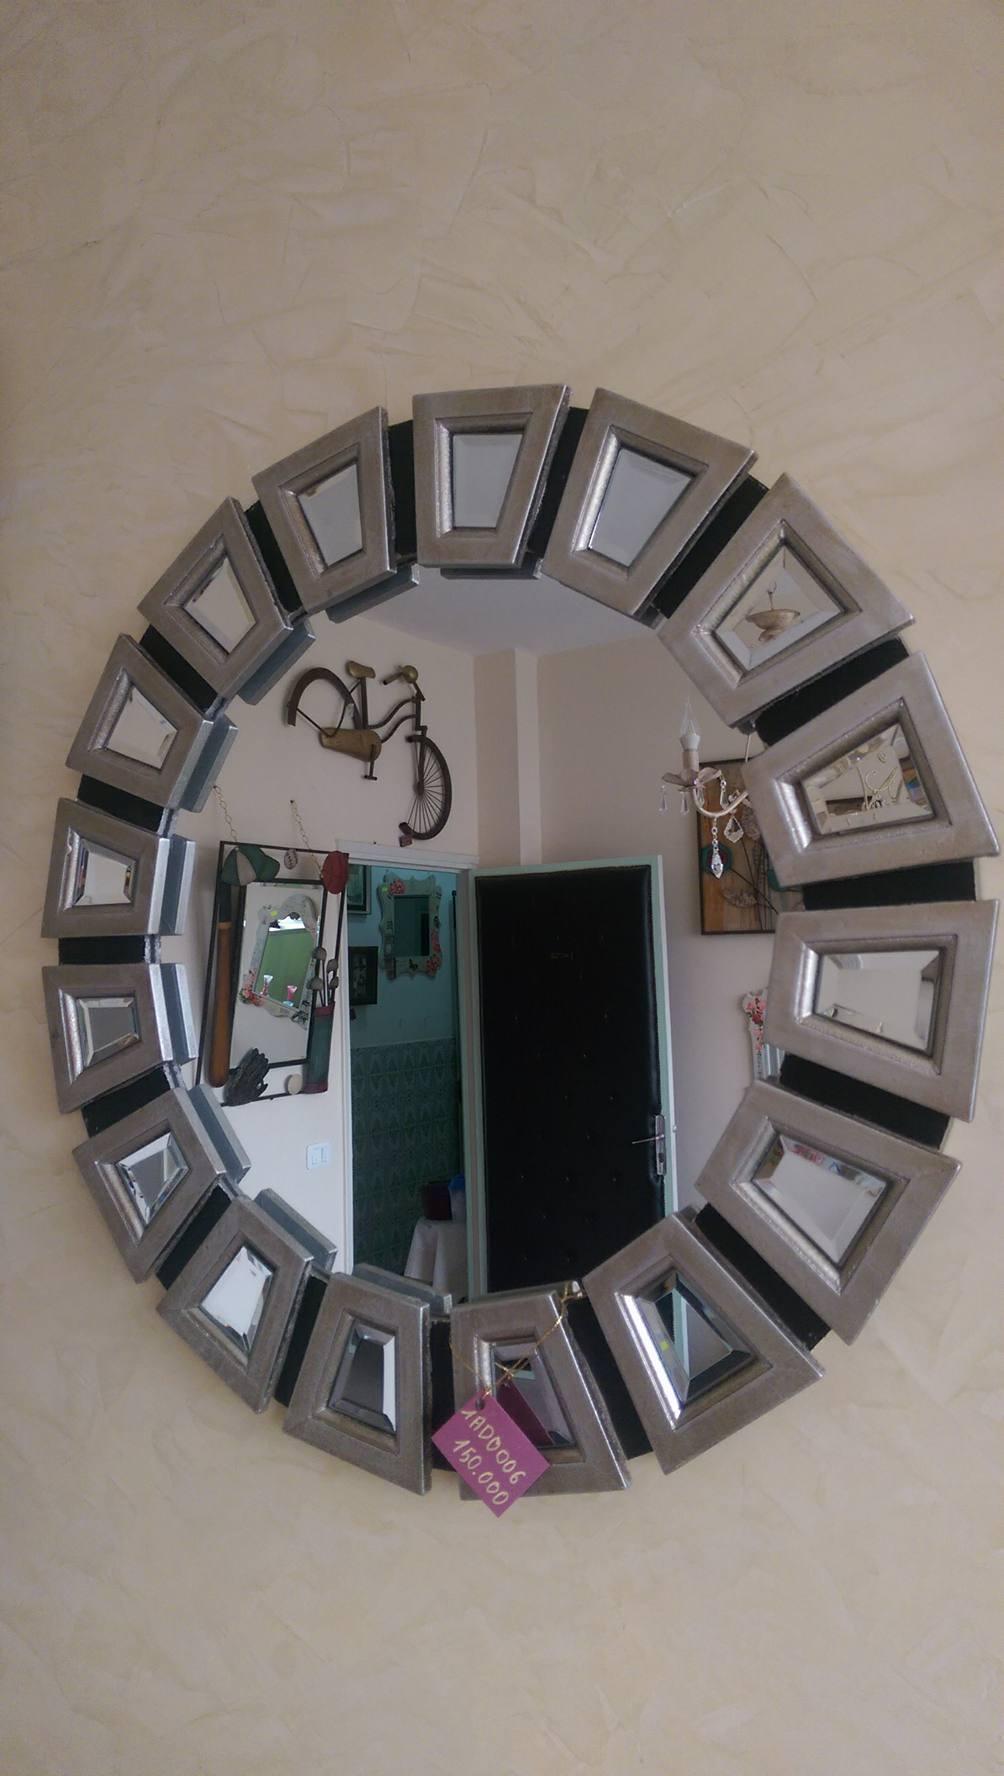 Miroir Murale Meubles Et D Coration Tunisie # Deco Meuble Murale